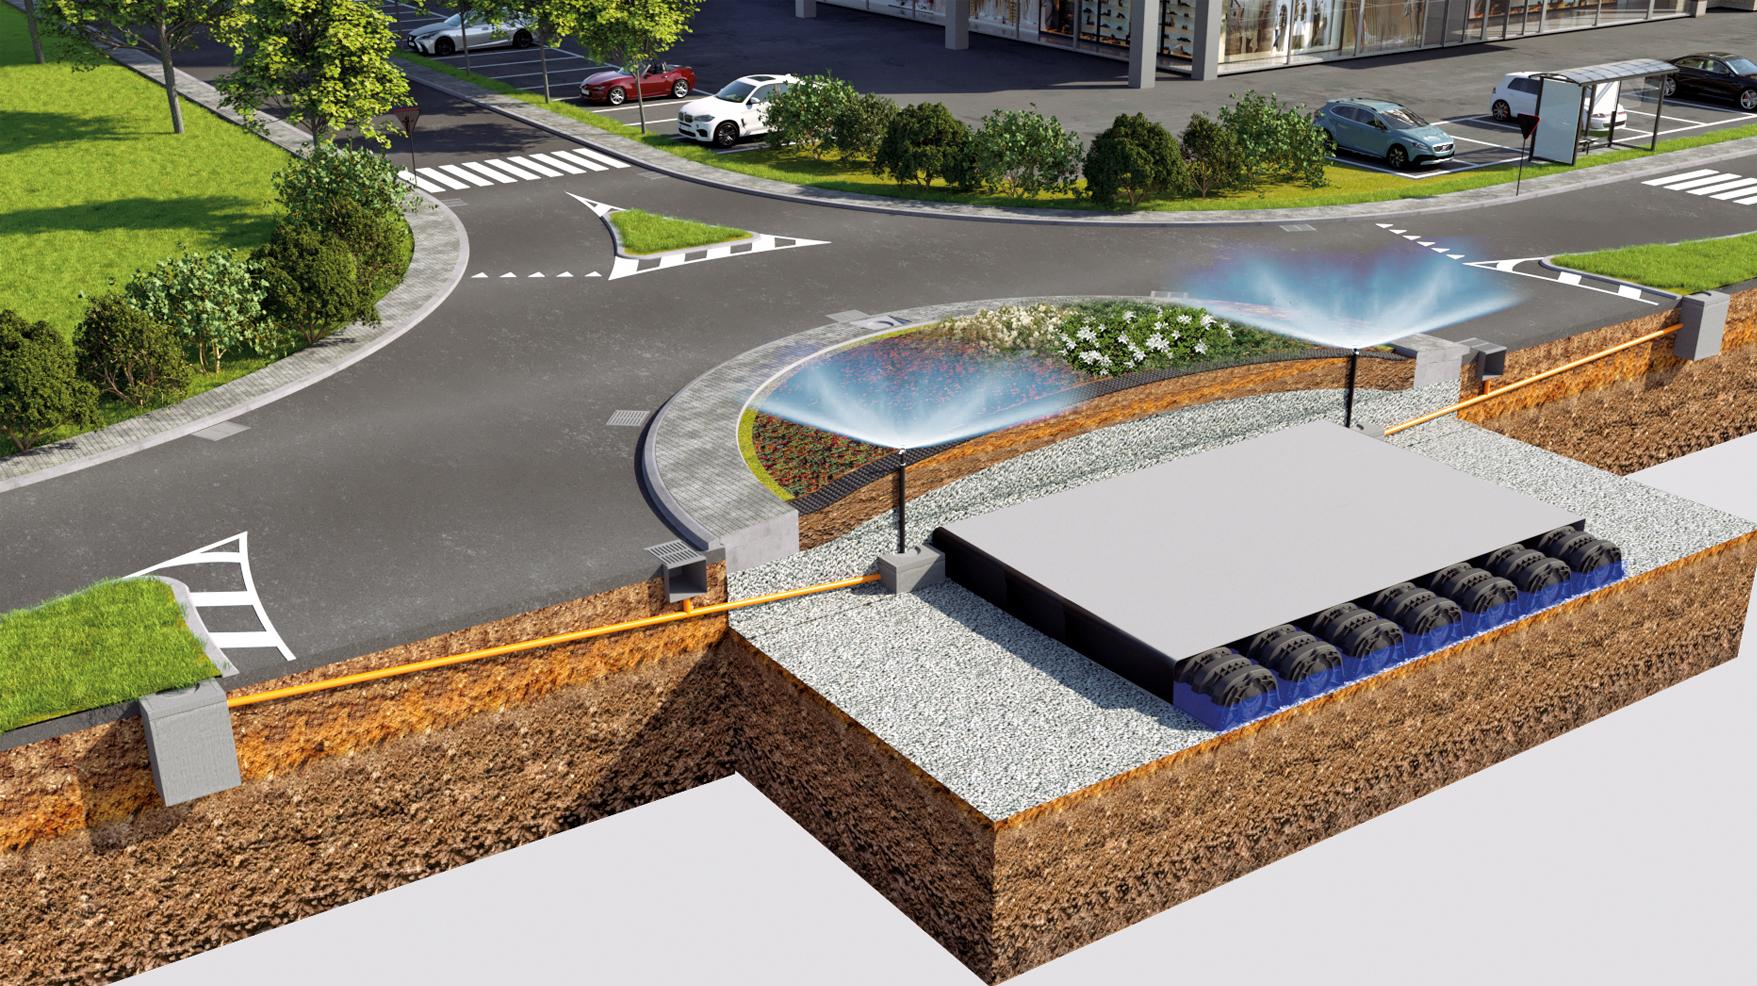 Eine Kosten einsparende und nachhaltige Lösung für das Design einer Kreisverkehrsinsel bieten die Geoplast Produkte  Drainroof und Drening in Kombination mit einer Sedum Vegetation, das die Auswirkungen von urbanen Hitzeinseln abschwächt  und die Hochwass